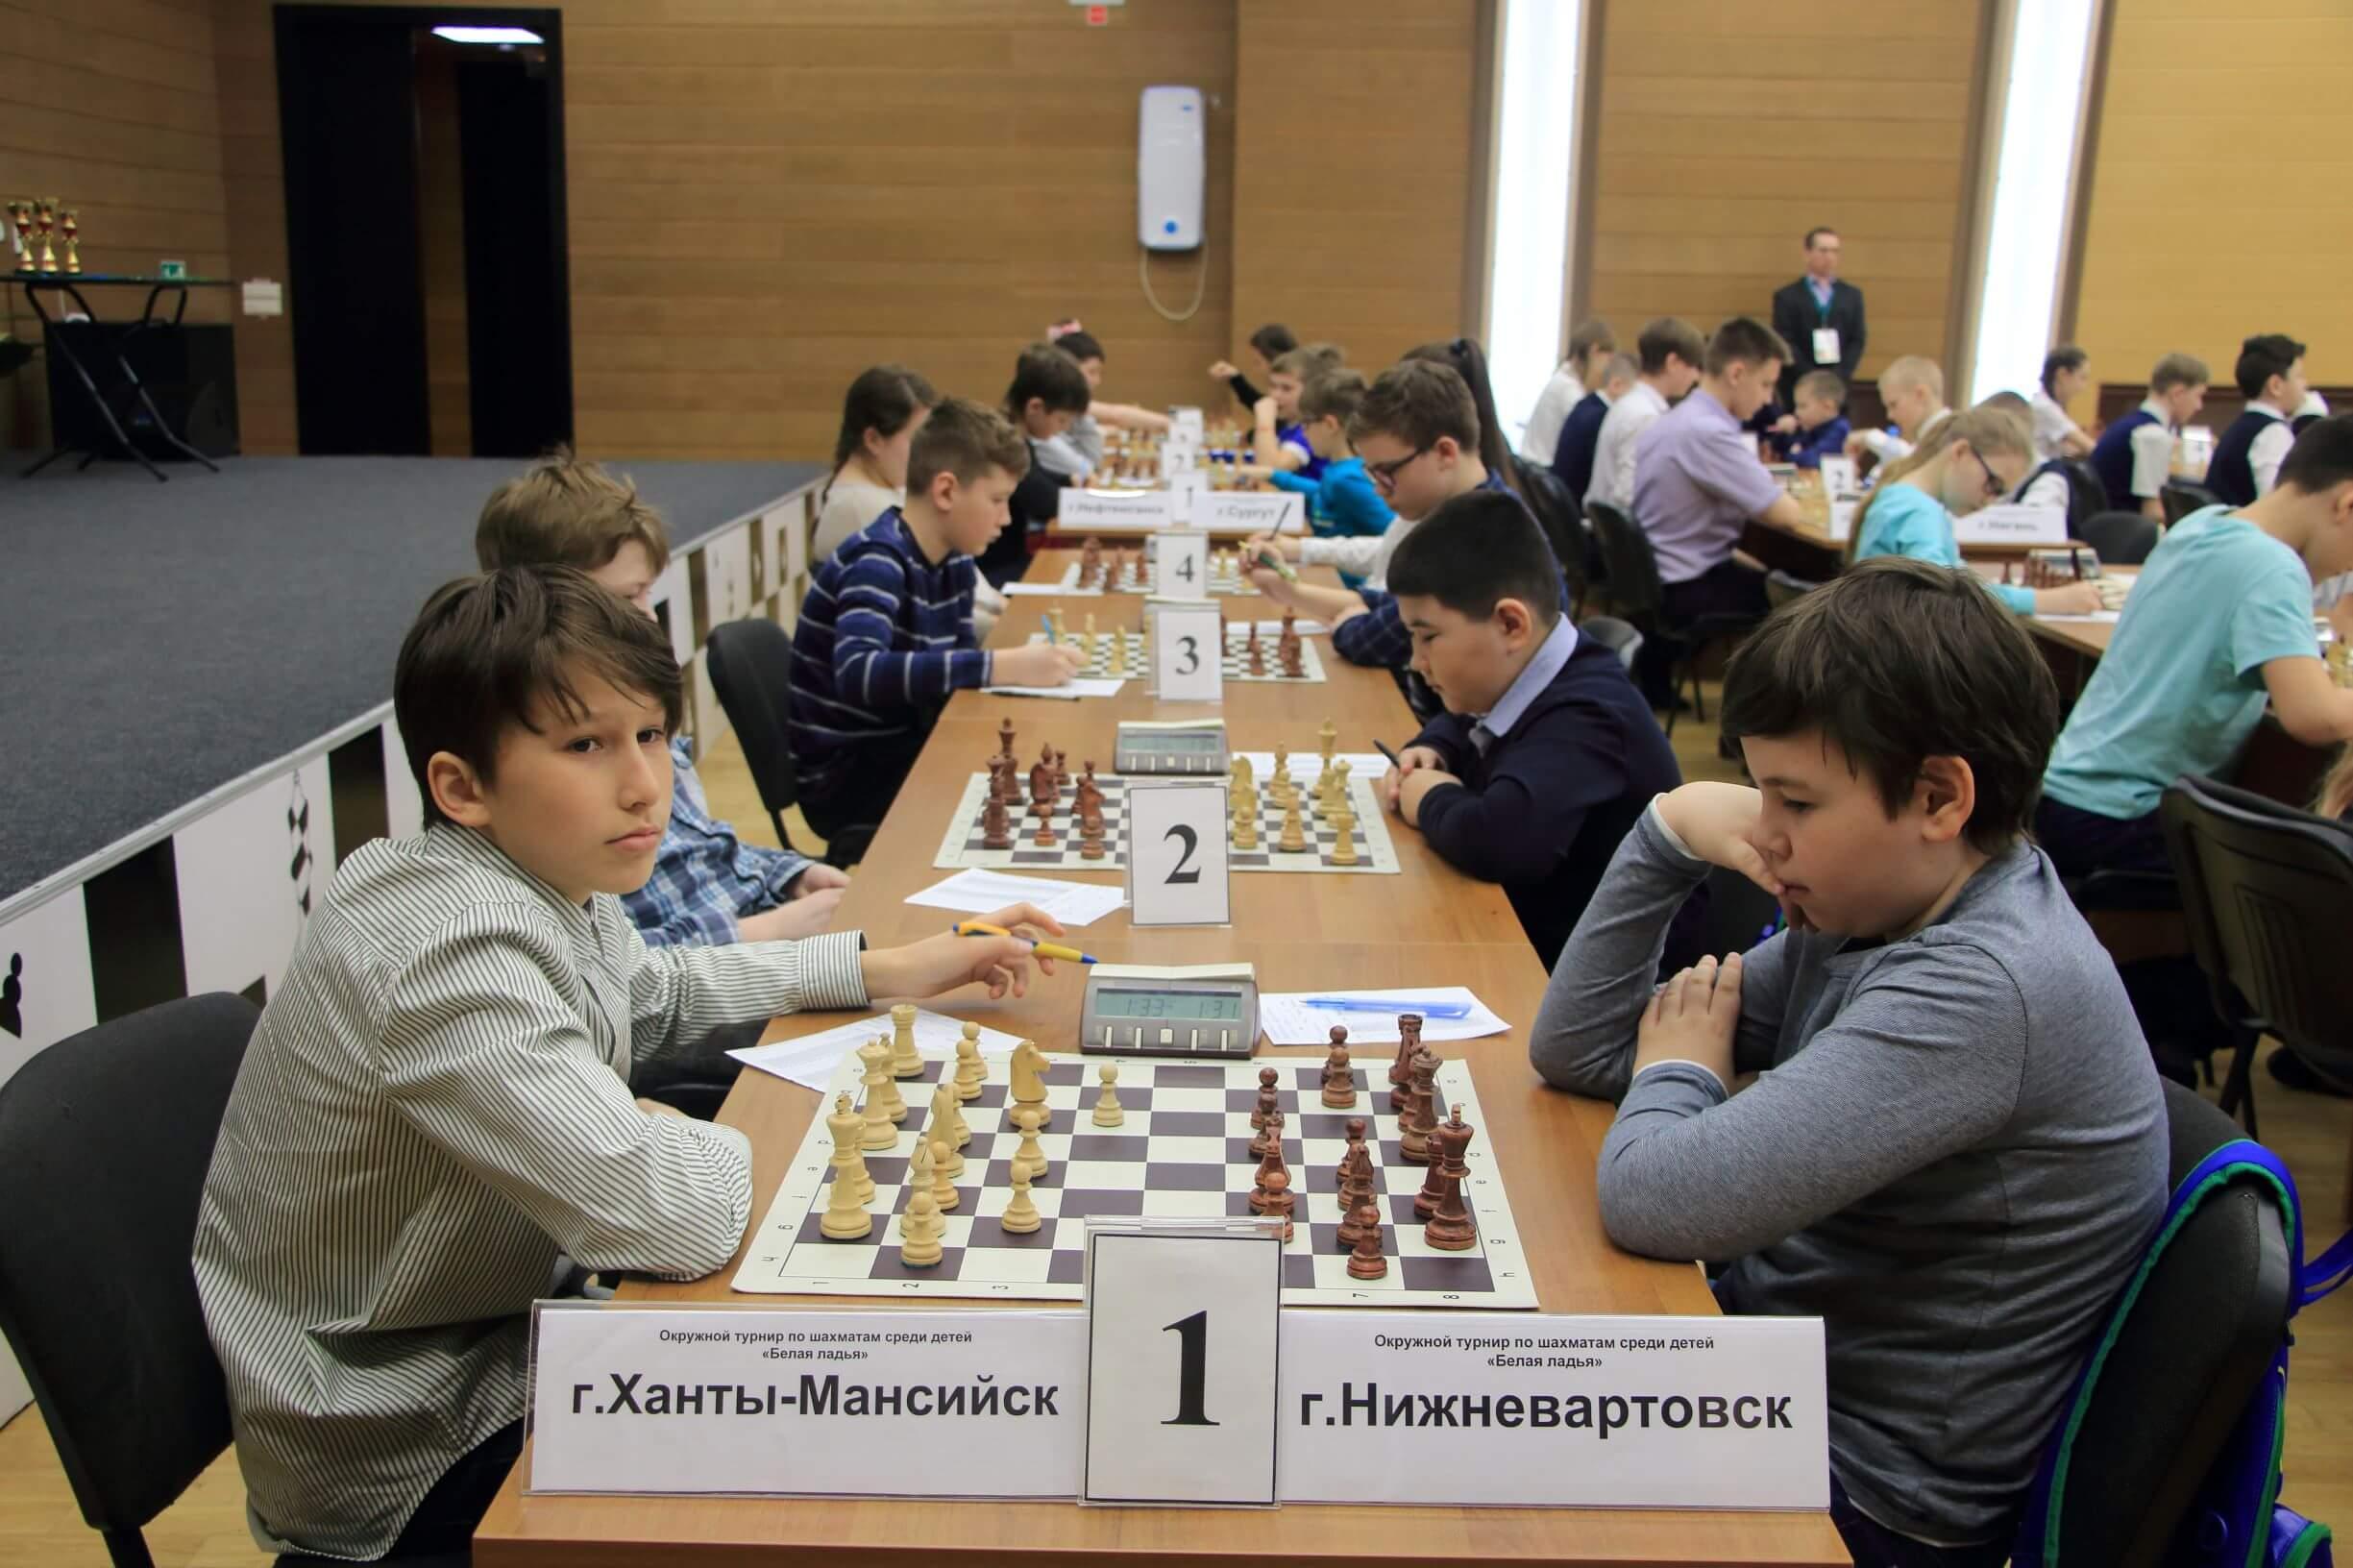 В Югре стартовал Окружной турнир по шахматам «Белая ладья»